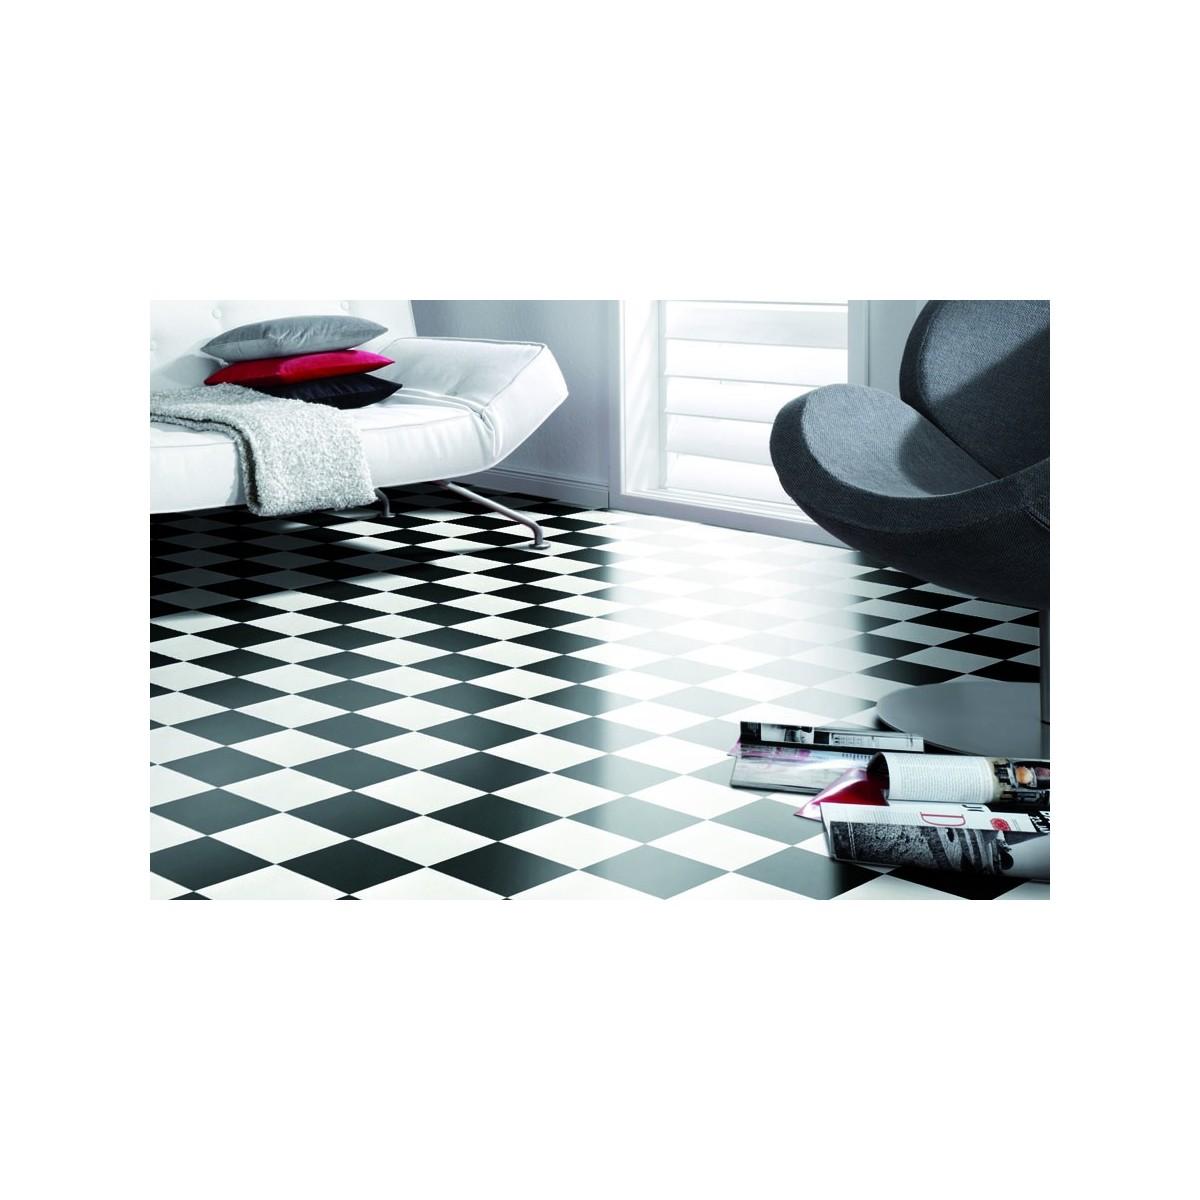 Vareprøve Vinylbelegg til bad sjakkmønster black/white